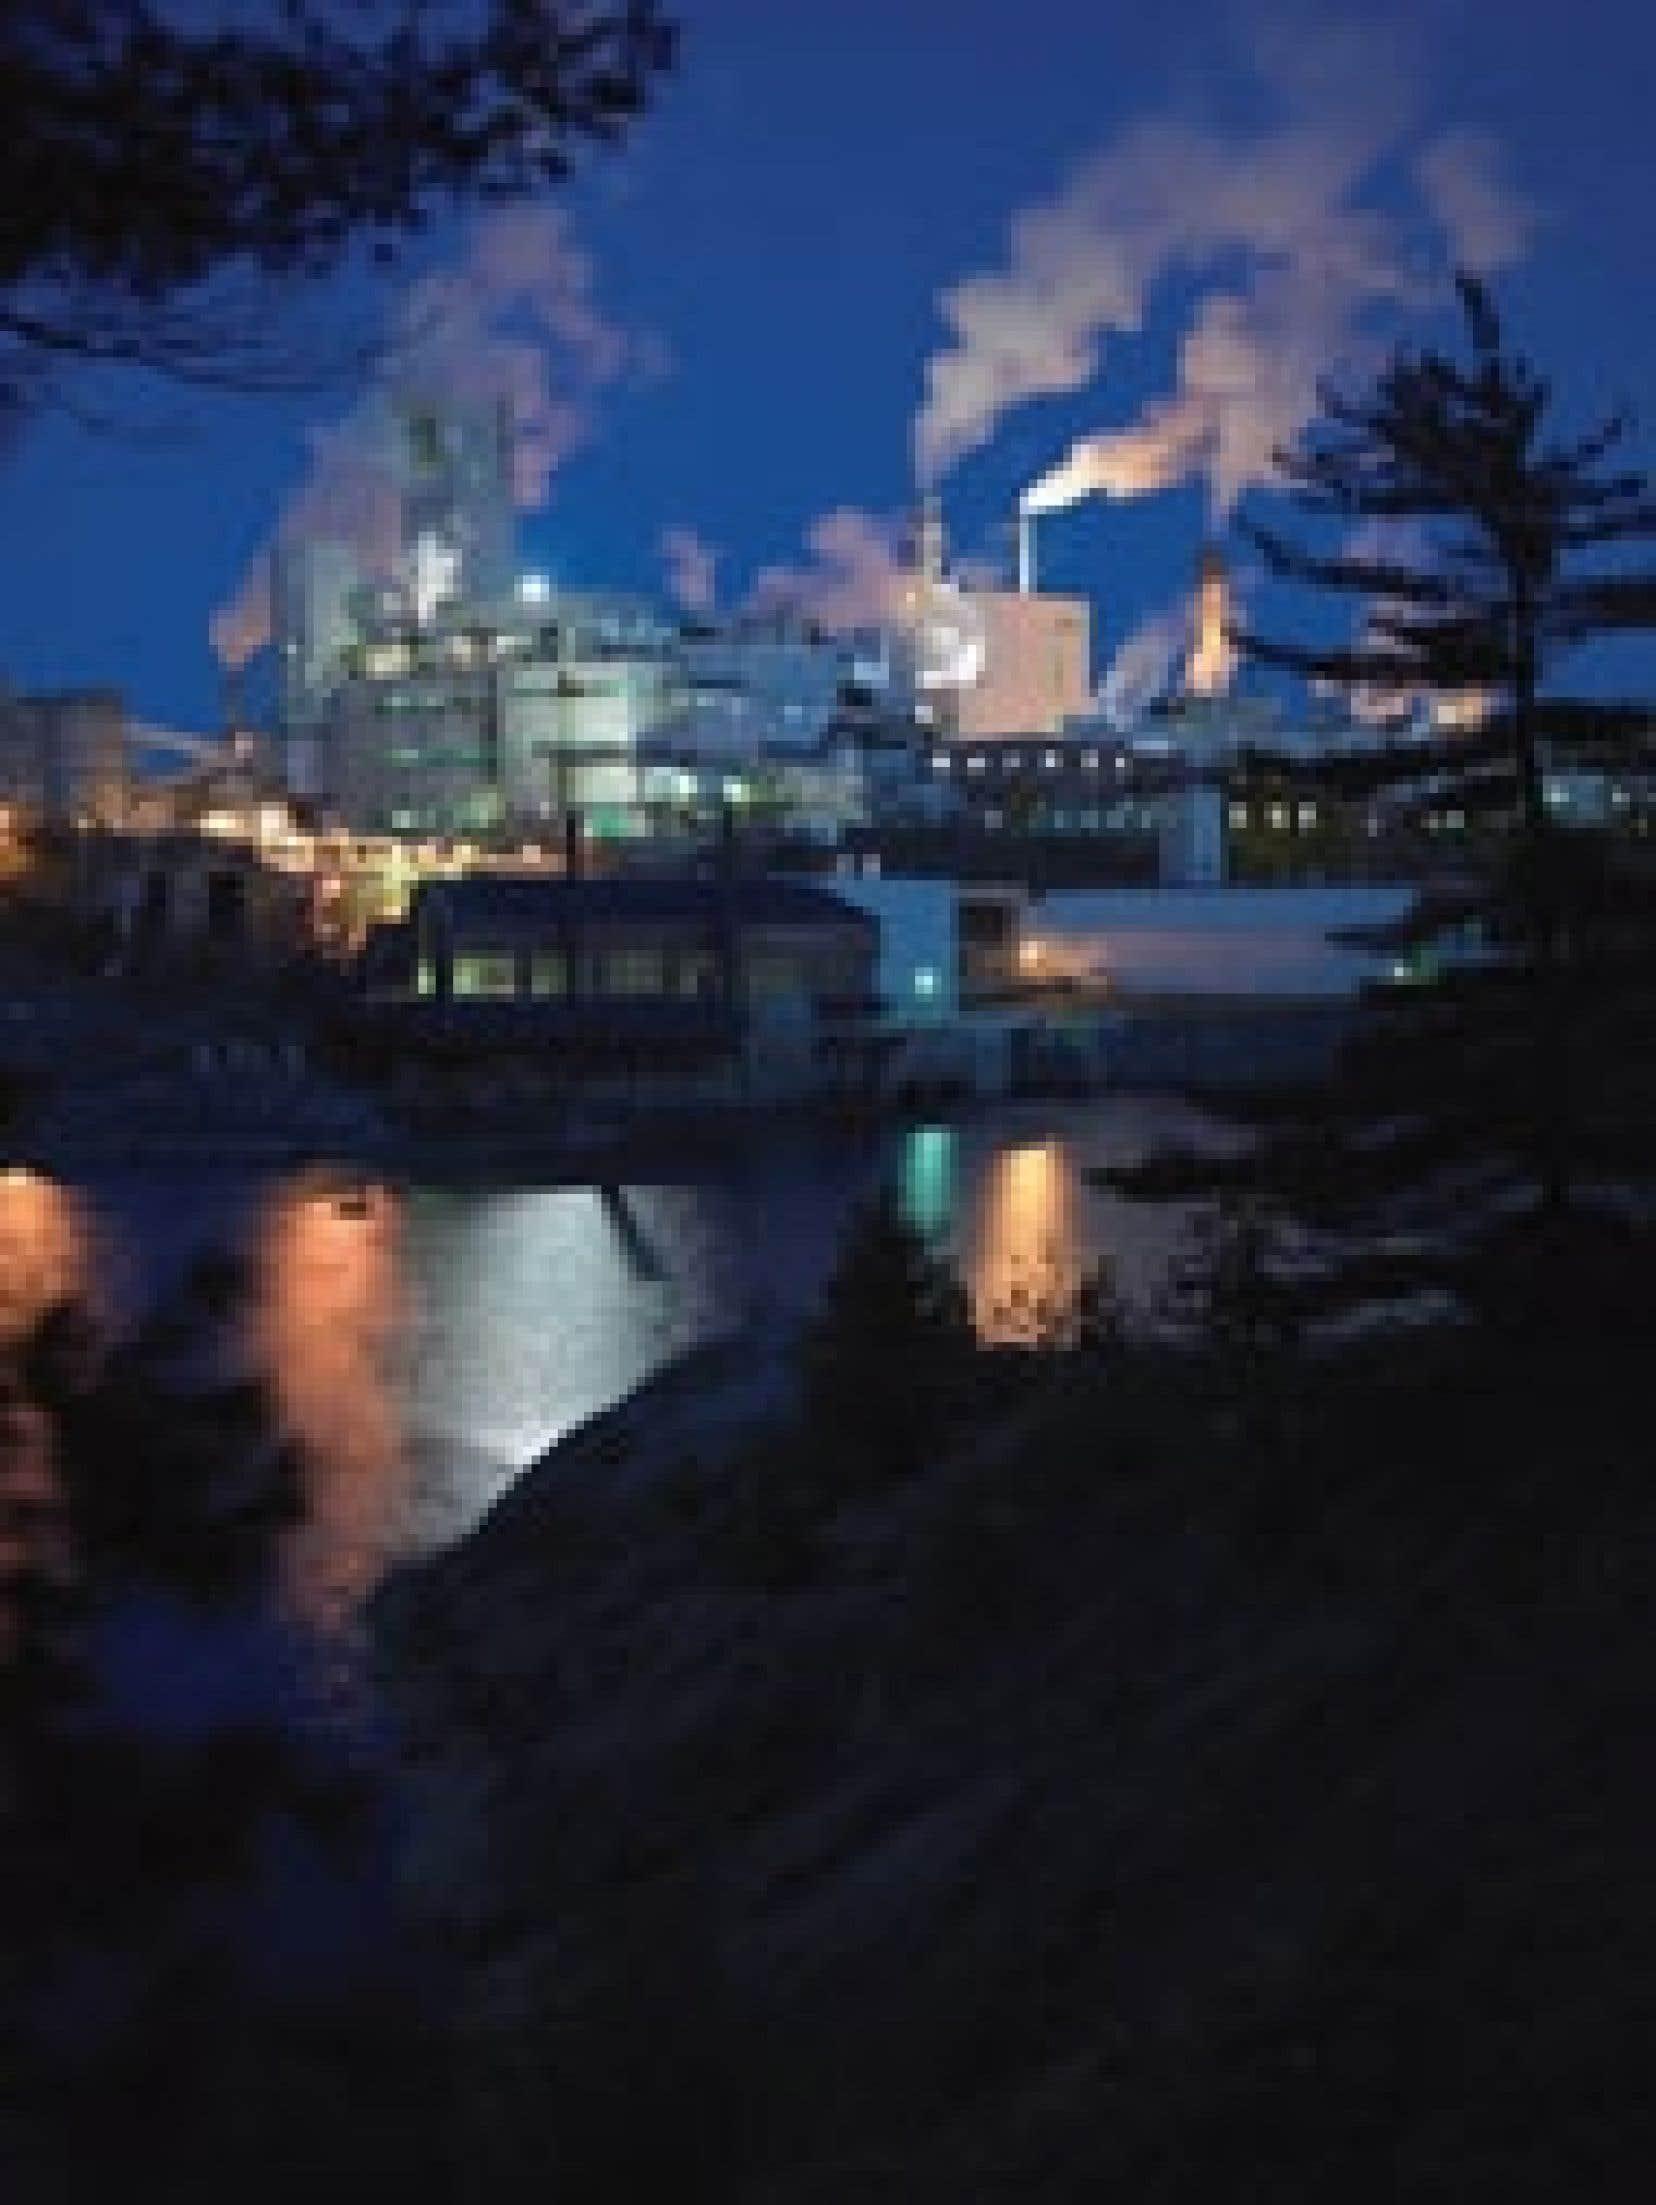 Une usine de Domtar. Selon le président et chef de la direction de l'APFC, Avrim Lazar, l'industrie forestière a atteint une productivité inégalée par rapport aux manufacturiers américains et aux autres fabricants canadiens et elle offre une pe